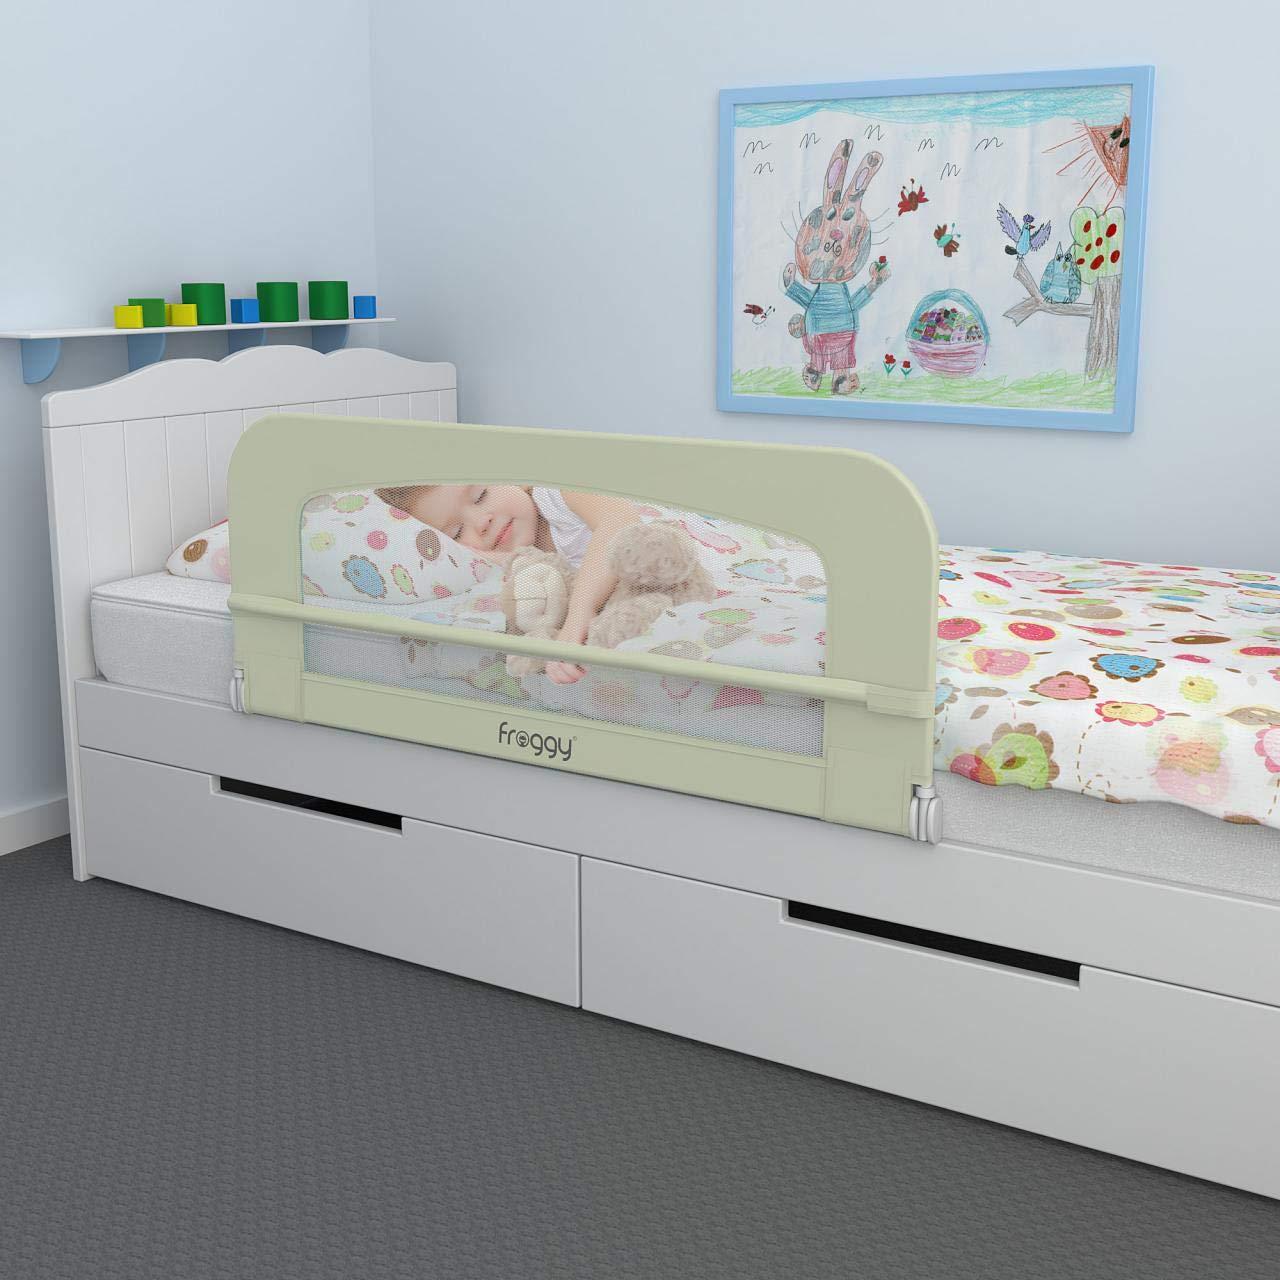 150 cm Tragbares Faltbar Kinder Bettgitter Kinder Kinderbettgitter//Babybettgitter Beige f/ür Massivholzbetten Greensen Bettgitter Bettschutzgitter f/ür Baby